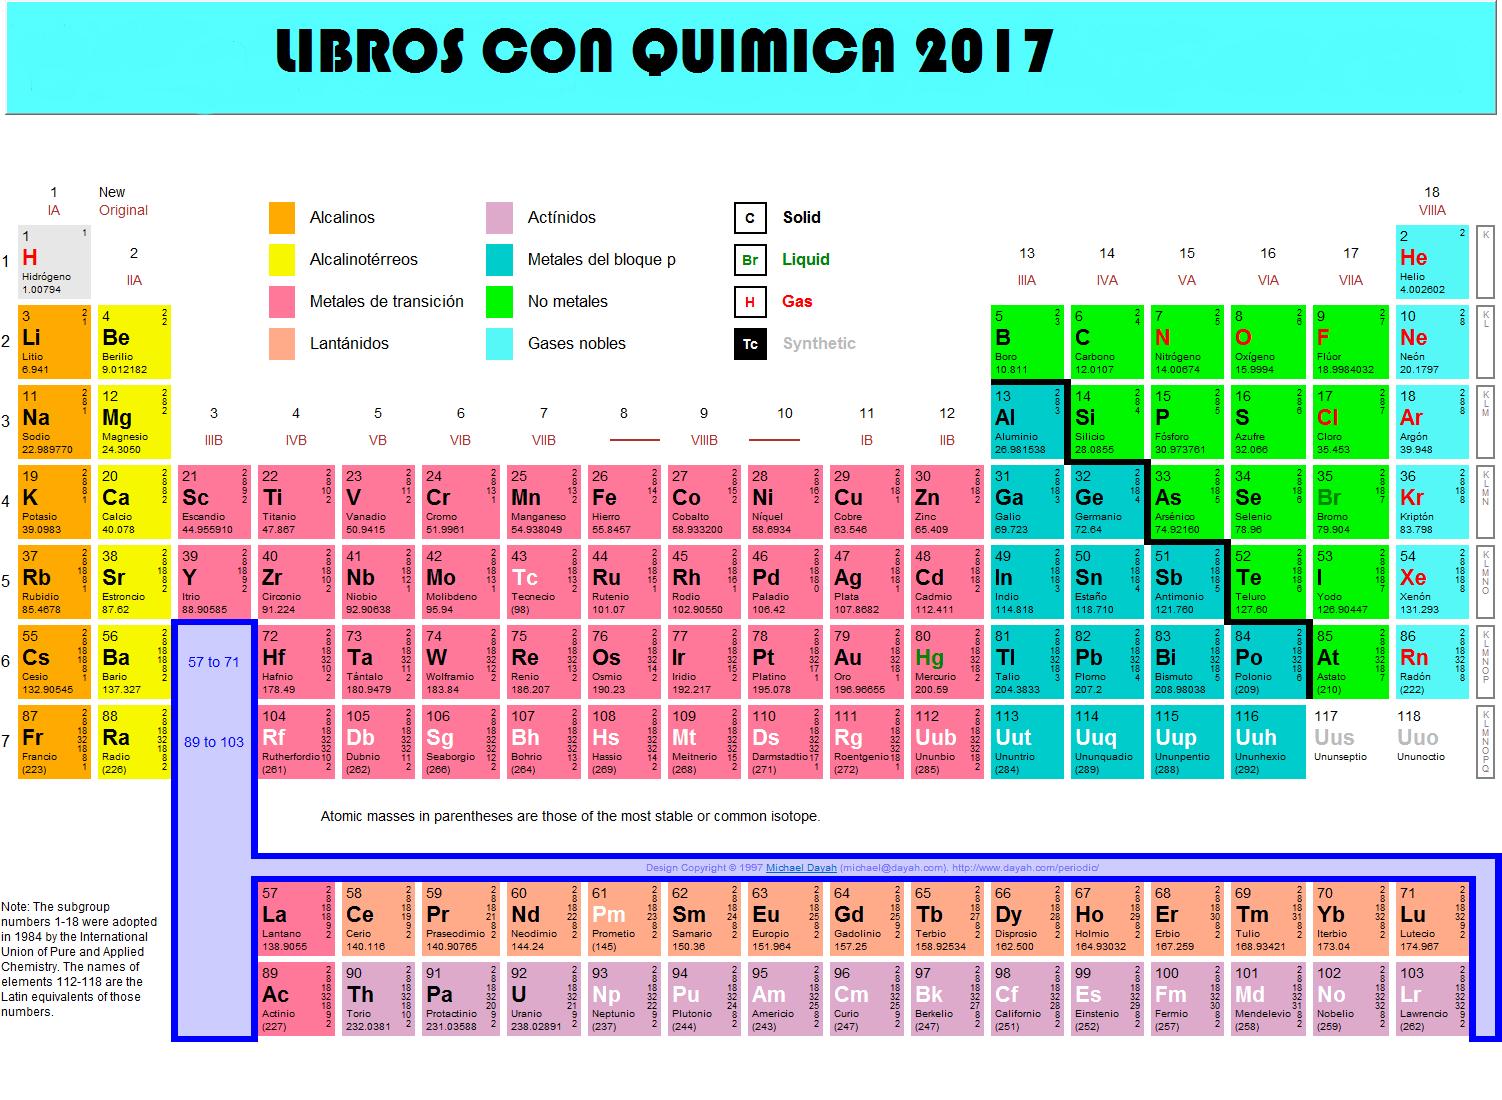 Libris retos y lecturas reto 2017 2018 libros con qumica reto libros con qumica 2017 2018 urtaz Choice Image